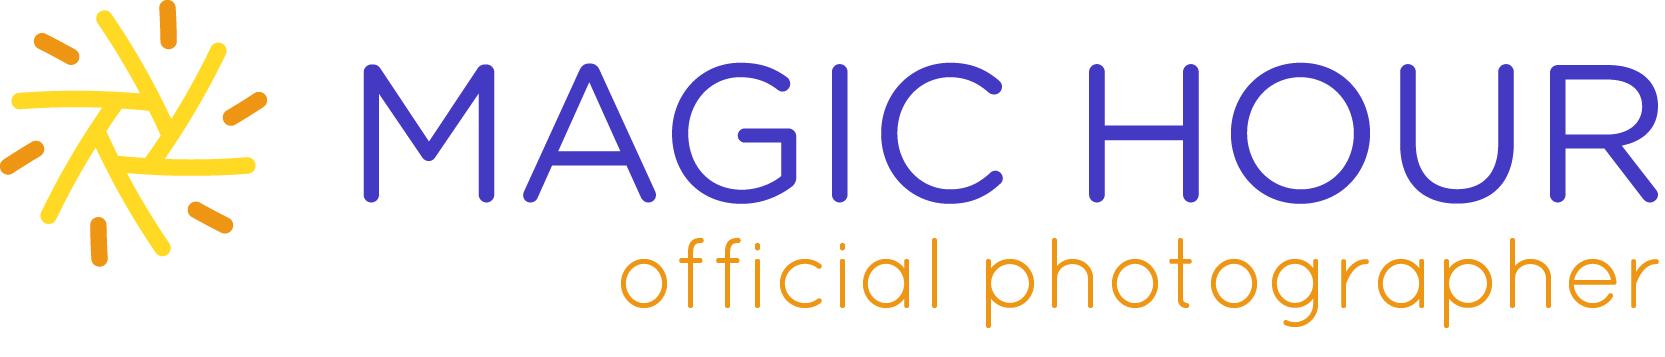 magic-hour-photogrpaher-badge.jpg